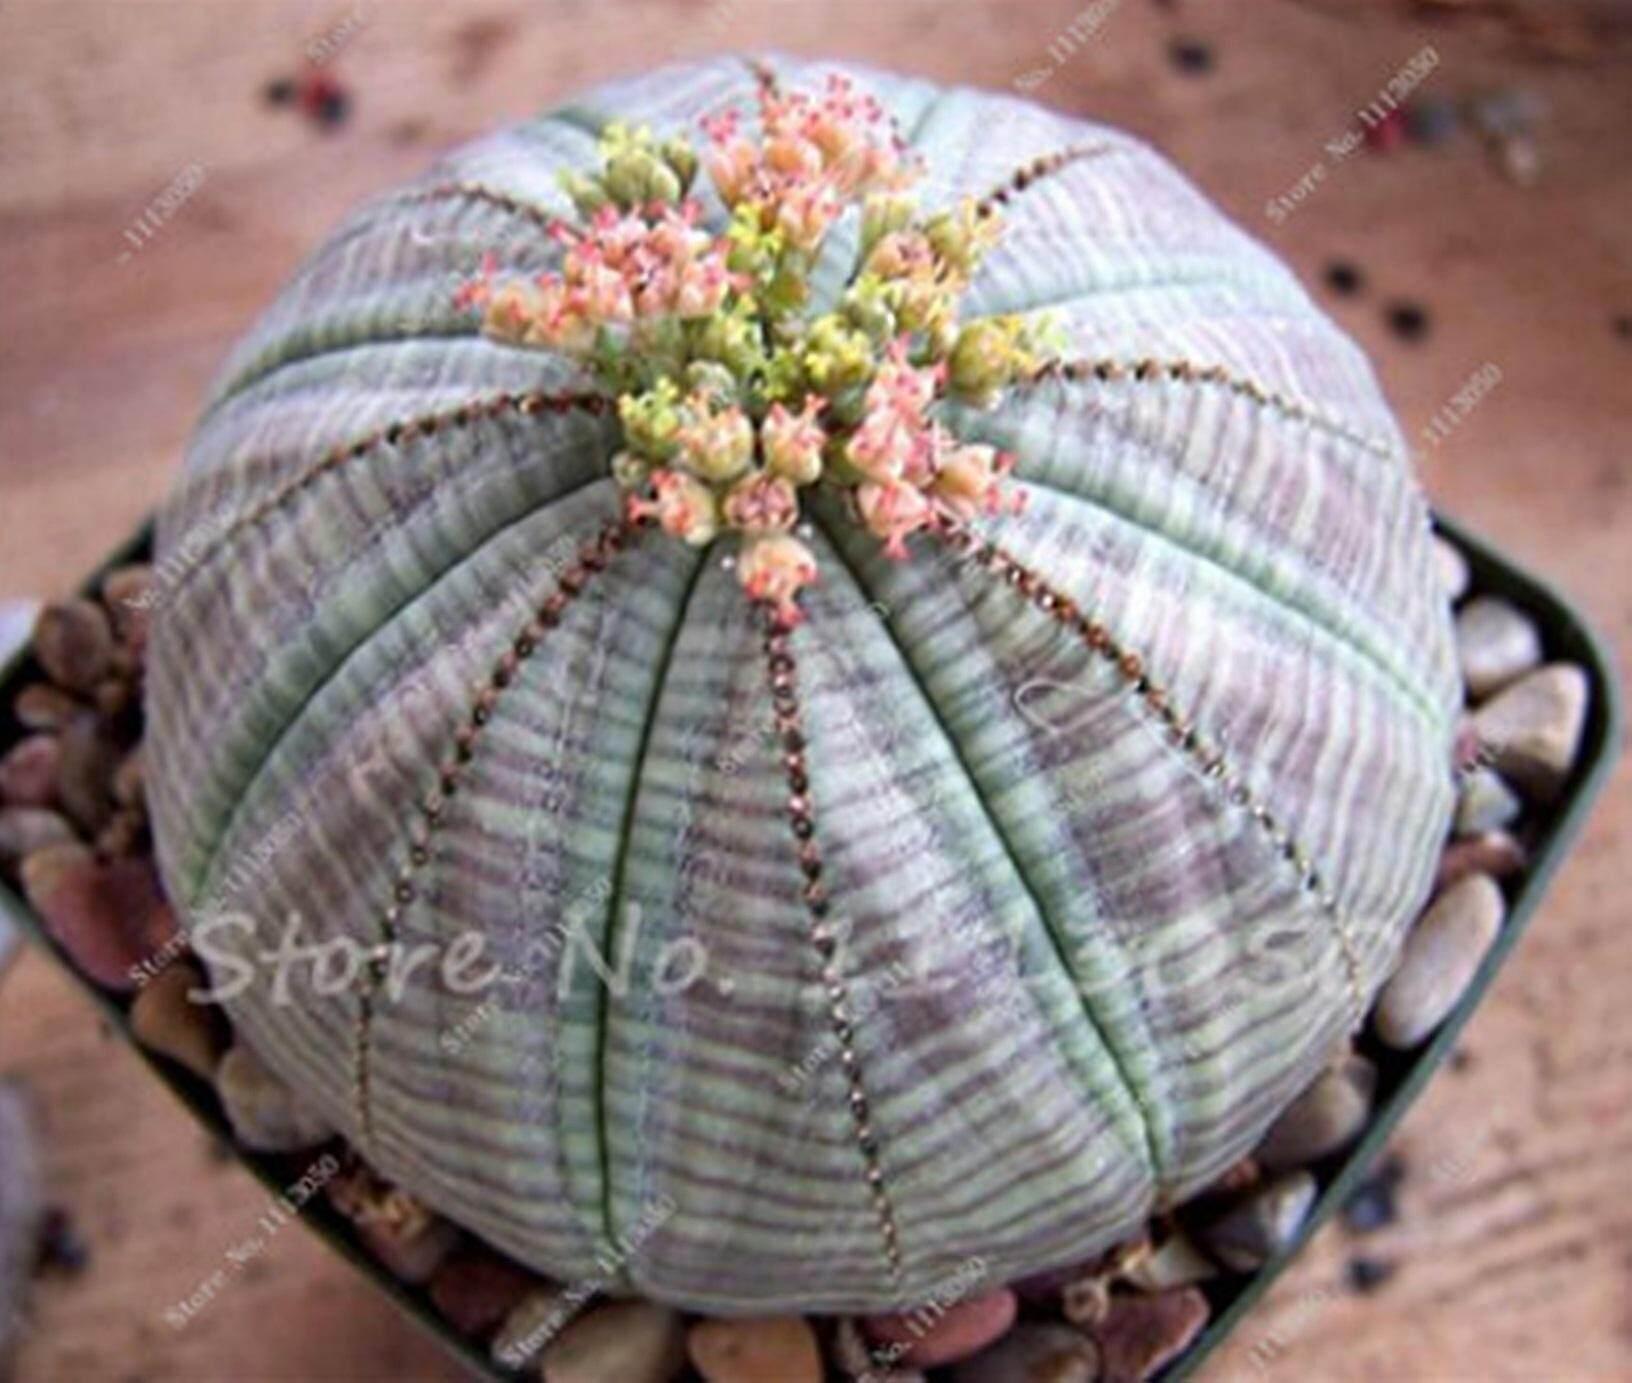 100 เมล็ดแคคตัส เมล็ดกระบอกเพชร เมล็ดพันธุ์ Cactus กระบองเพชรจิ๋ว ต้นกระบองเพชร กระบองเพชร ไม้อวบน้ำ พืชอวบน้ำ Succulent  ต้นไม้ ไม้มงคล ไม้เล็ก ธรรมชาติ ต้นไม้ตั้งโต๊ะ จัดสวน ไม้หนาม ของชำรวย ของขวัญ ของแต่งบ้าน แคคตัสน่ารัก แคคตัสสวยๆ 1113050.